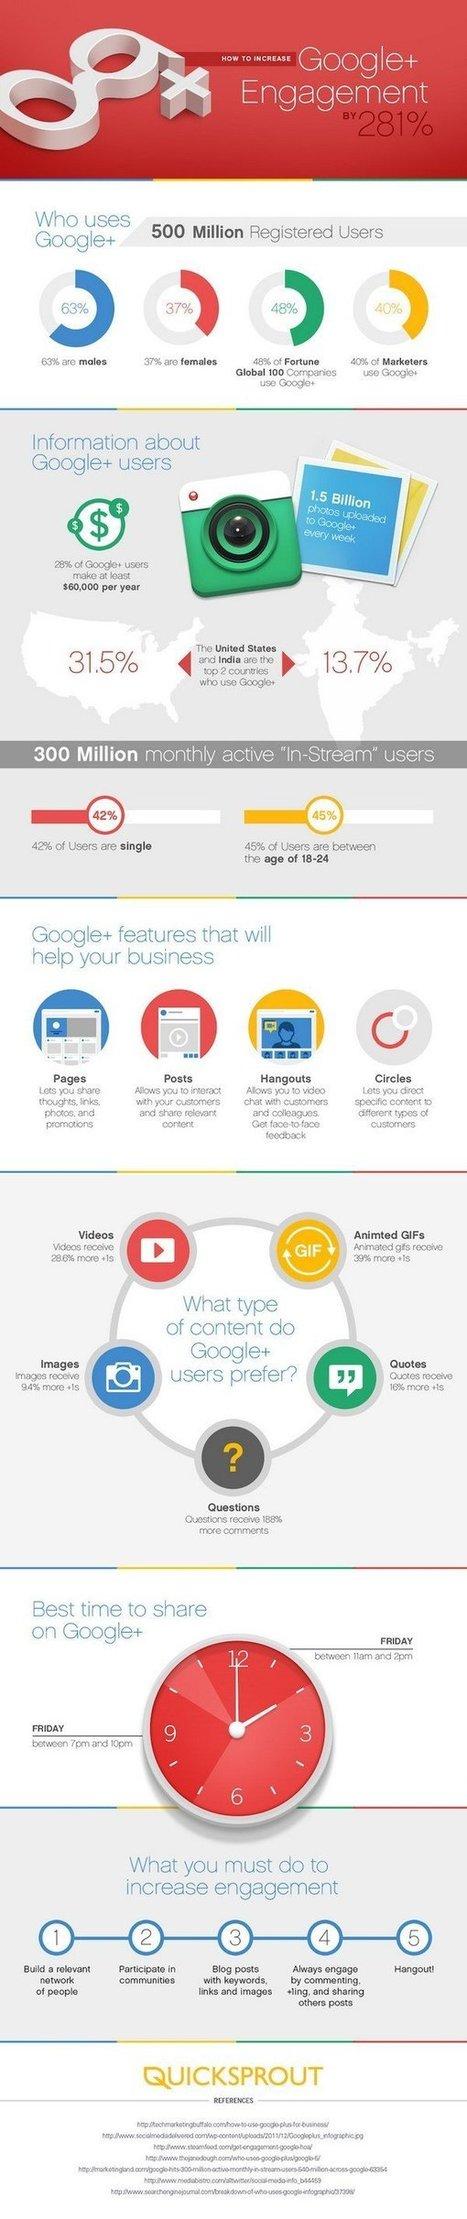 Comment augmenter l'engagement sur Google+ de 281% [Infographie] | iPaoo | Scoop.it